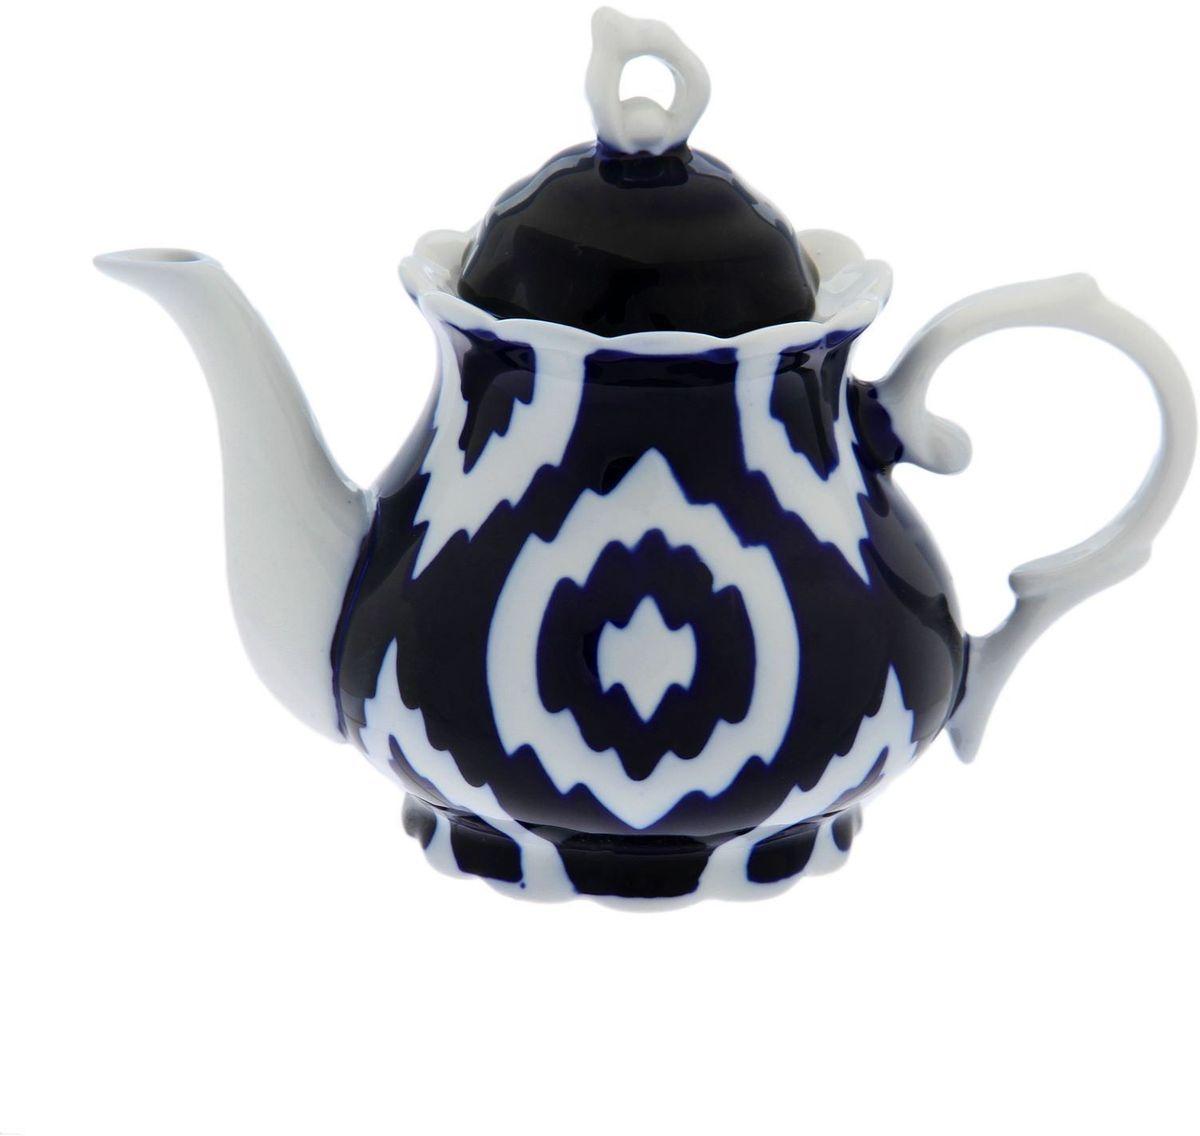 Чайник заварочный Turon Porcelain Атлас, цвет: синий, белый, 800 мл1625392Узбекская посуда известна всему миру уже более тысячи лет. Ей любовались царские особы, на ней подавали еду для шейхов и знатных персон. Формулы красок и глазури передаются из поколения в поколение. По сей день качественные расписные изделия продолжают восхищать совершенством и завораживающей красотой.Данный предмет подойдёт для повседневной и праздничной сервировки. Дополните стол текстилем и салфетками в тон, чтобы получить элегантное убранство с яркими акцентами.Национальная узбекская роспись «Атлас» имеет симметричный геометрический рисунок. Узоры, похожие на листья, выводятся тонкой кистью, фон заливается тёмно-синим кобальтом. Синий краситель при обжиге слегка растекается и придаёт контуру изображений голубой оттенок. Густая глазурь наносится толстым слоем, благодаря чему рисунок мерцает.